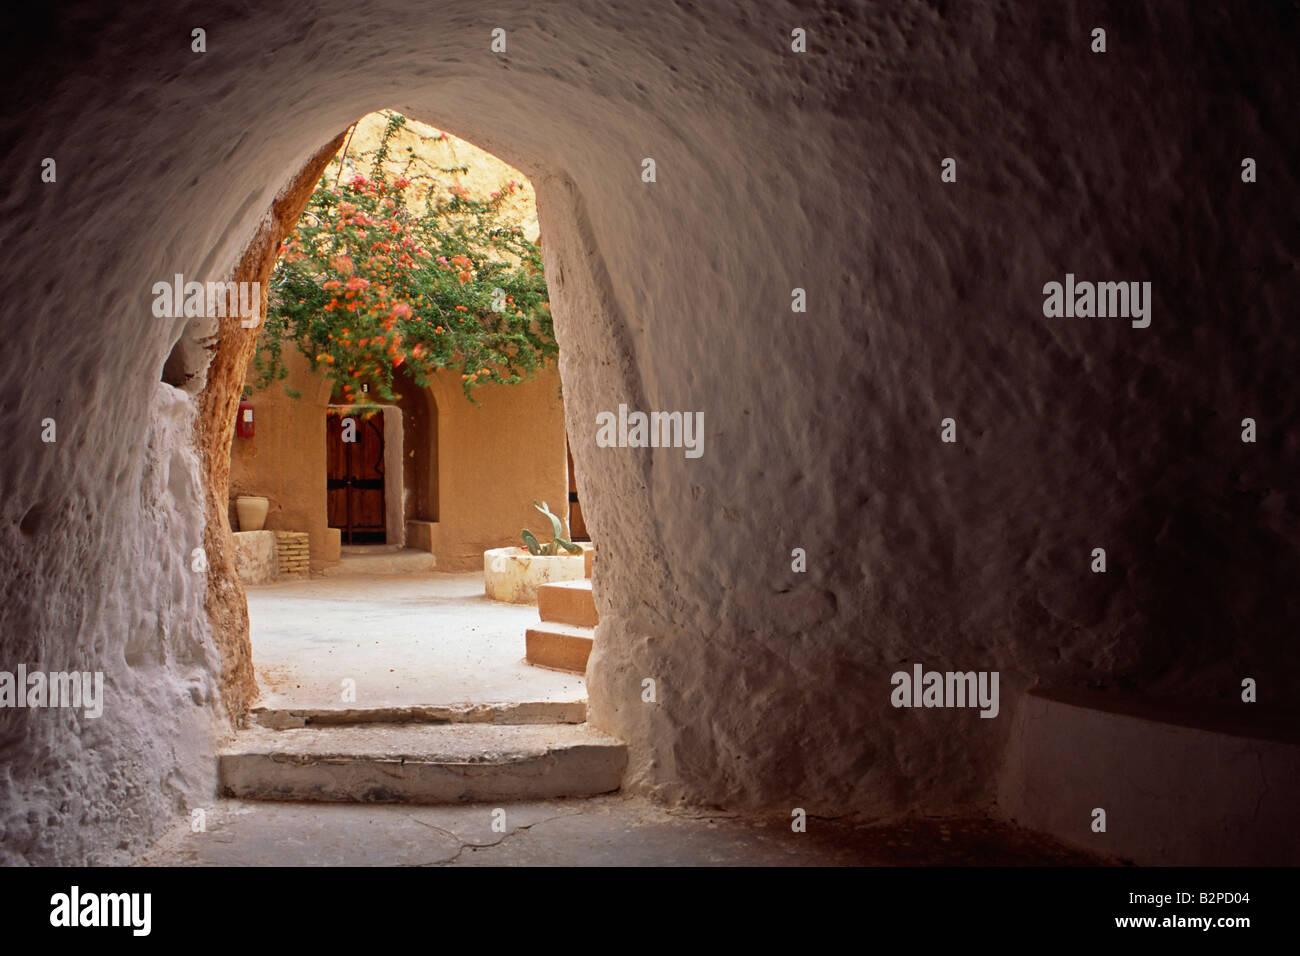 Interieur des Hotels Höhle in Matmata in Tunesien. Das Hotel diente als Kulisse in den 1977-Film StarWars von Stockbild